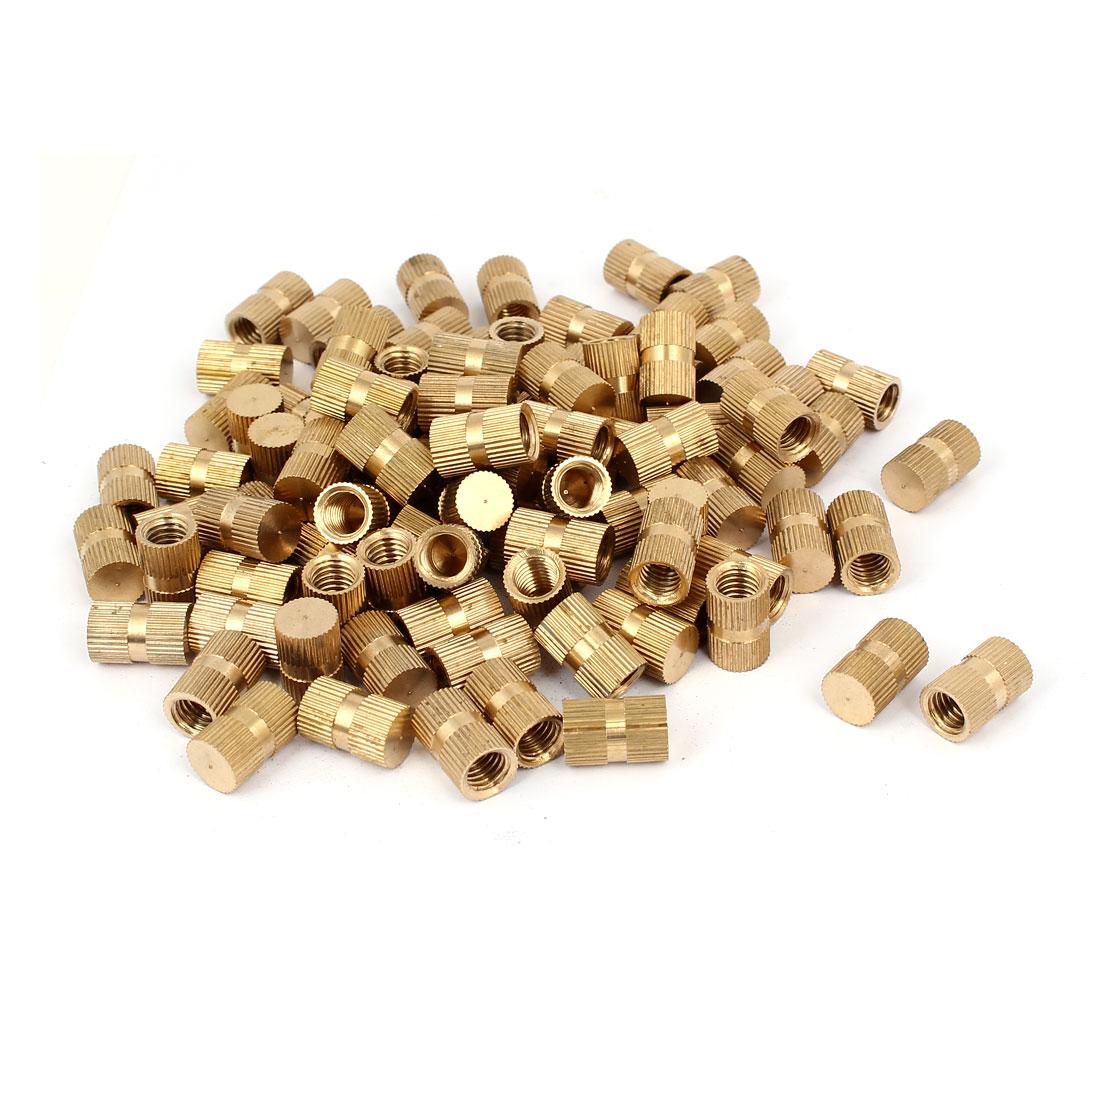 M8 x 16mm 10mm OD Brass Threaded Insert Embedment Knurled Thumb Nut 100PCS